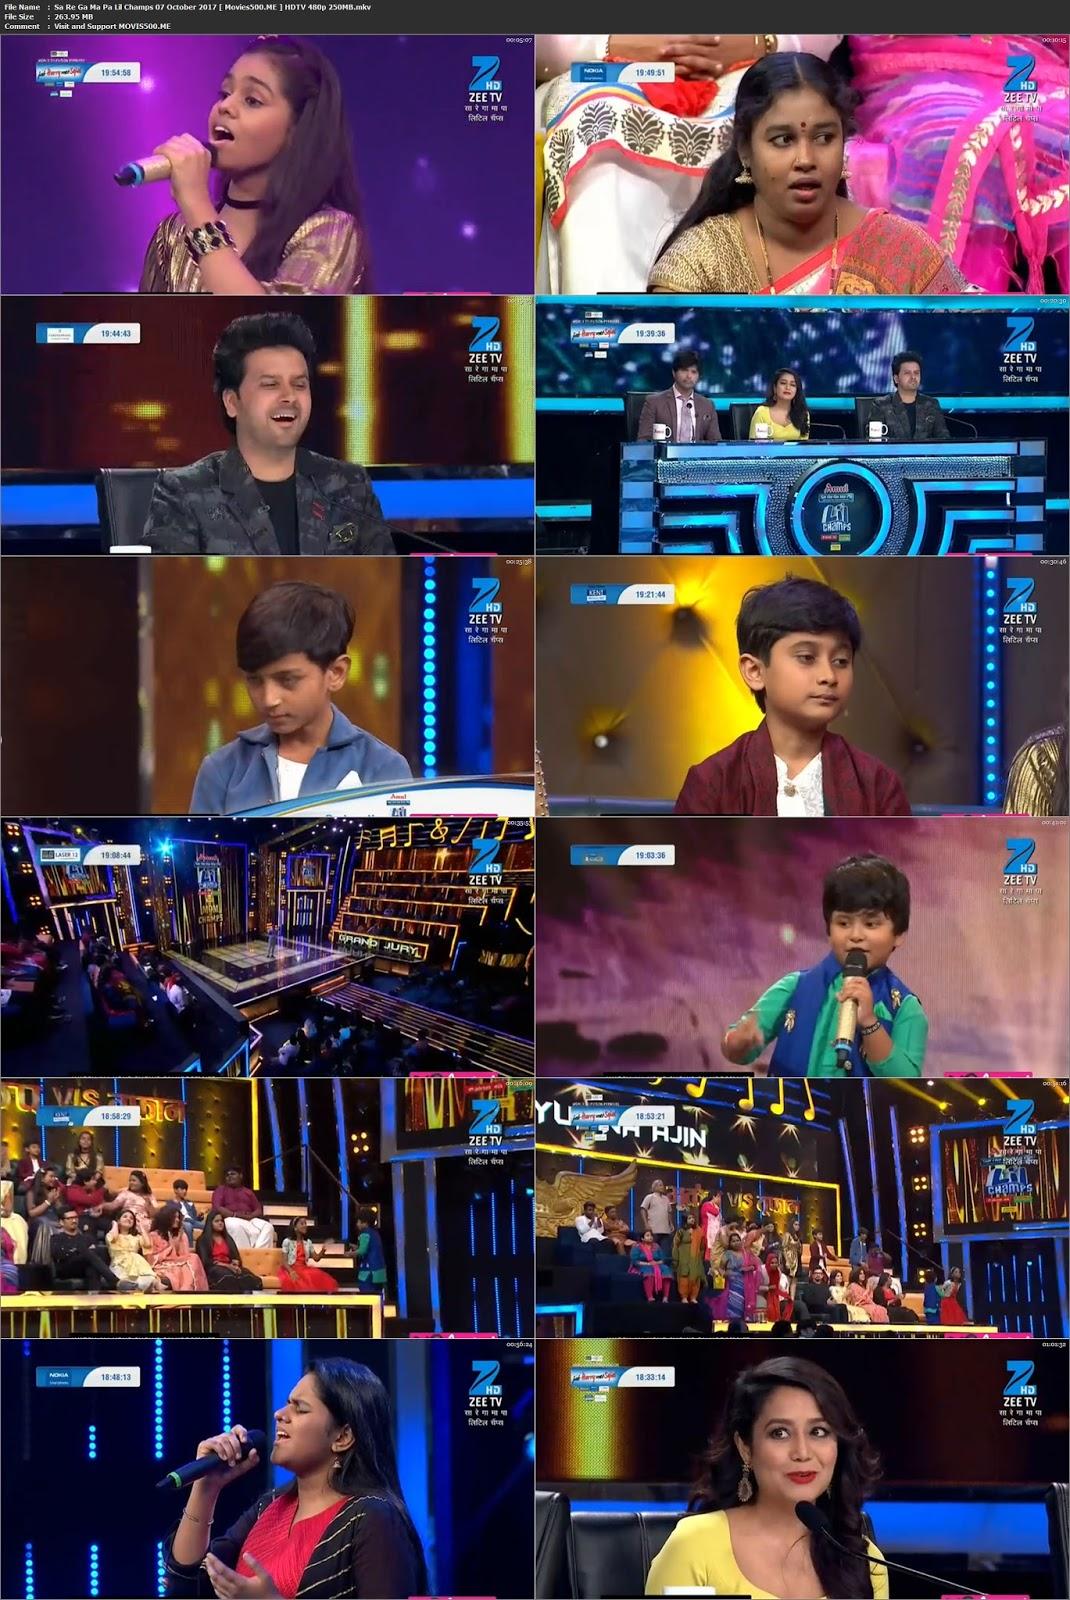 Sa Re Ga Ma Pa Lil Champs 07 October 2017 HDTVRip 480p at 9966132.com